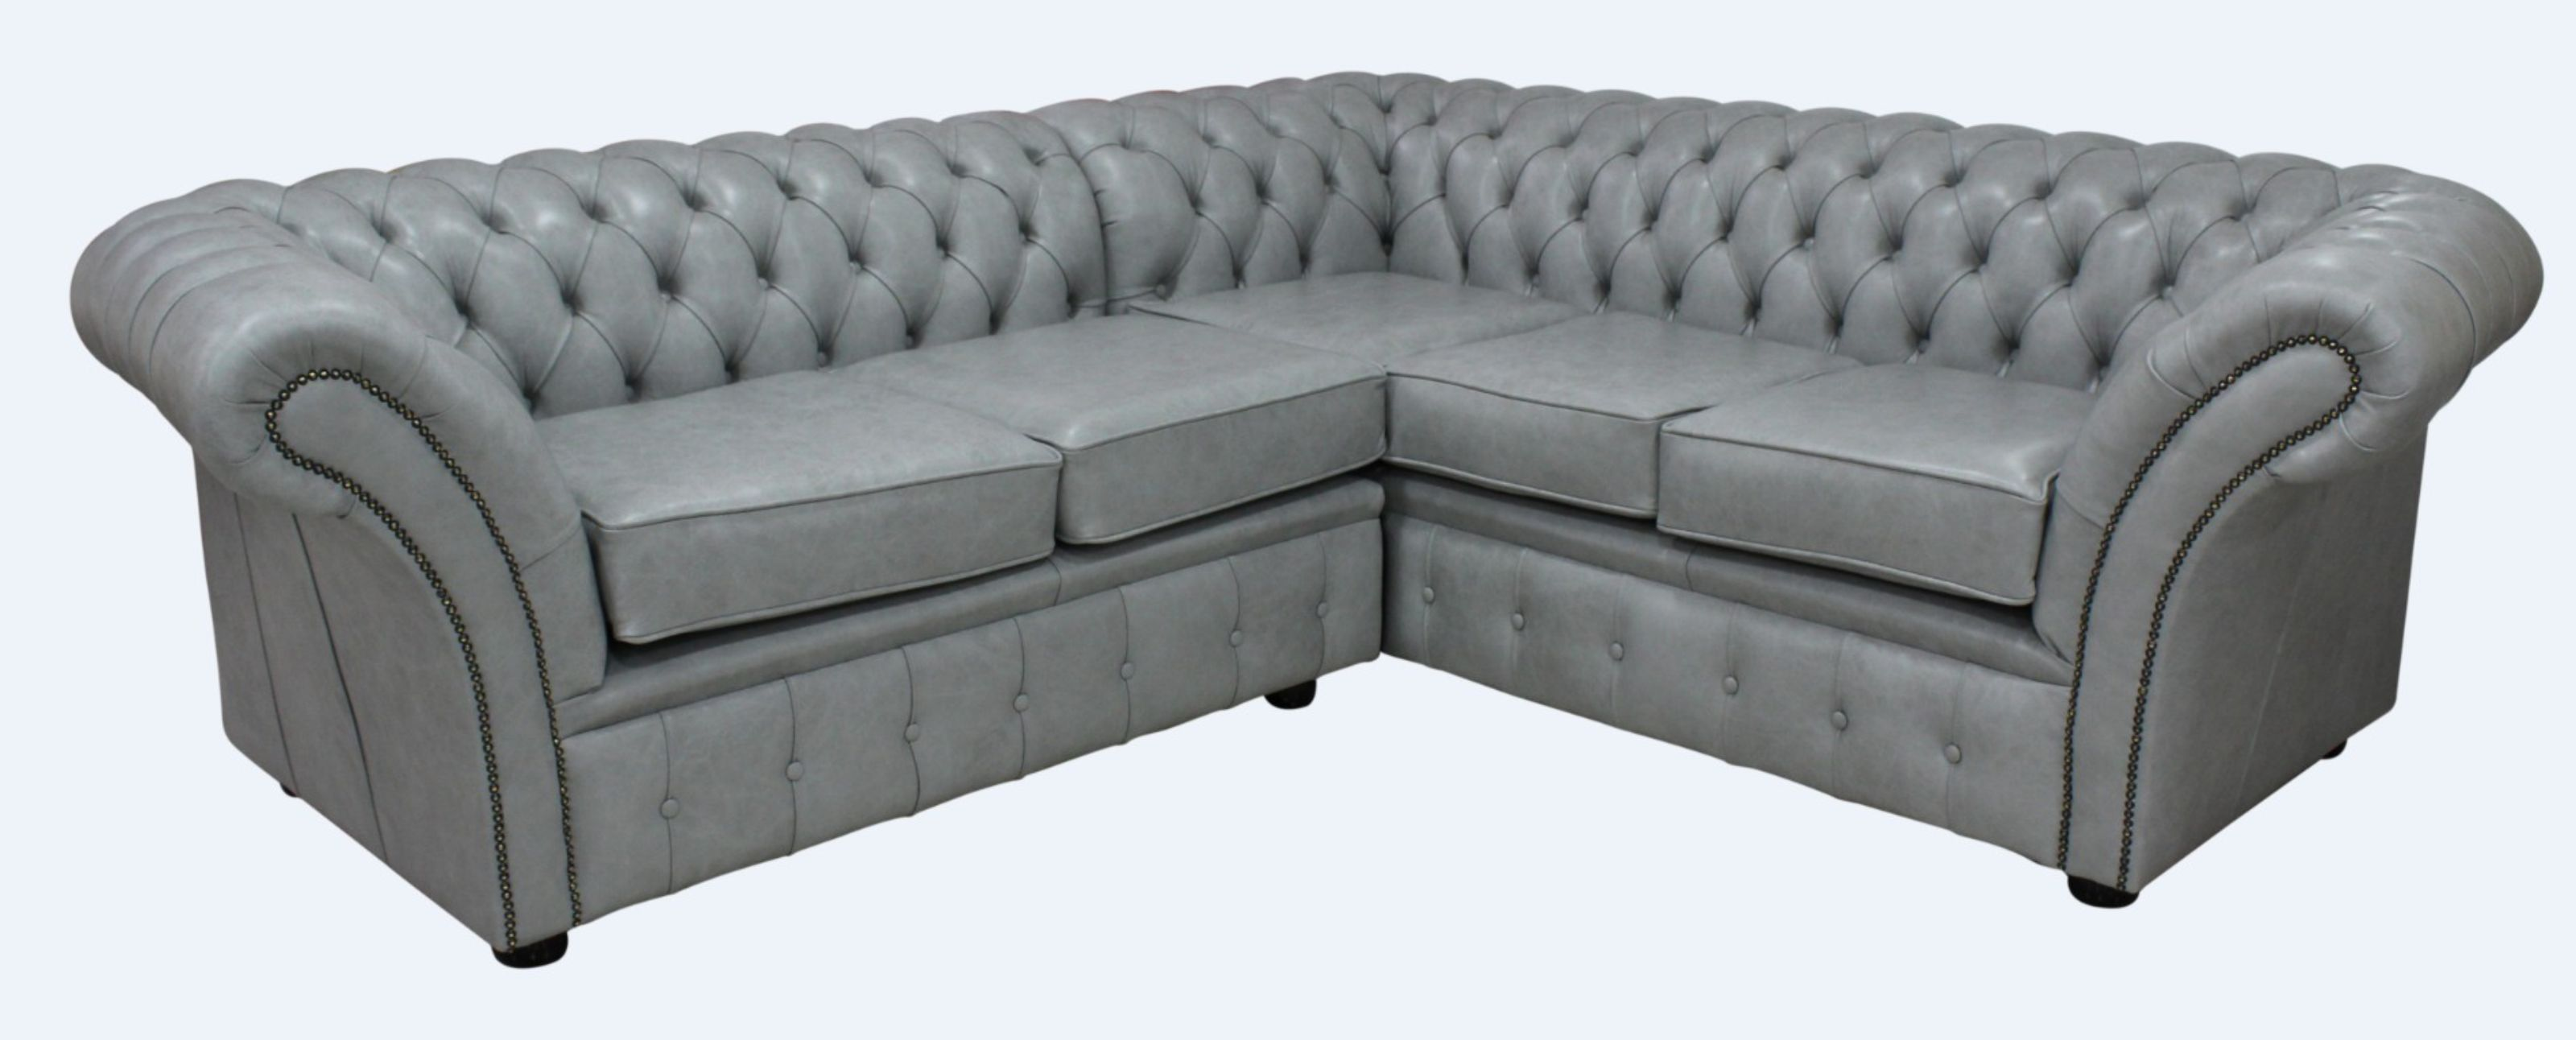 Chesterfield Balmoral Corner Sofa Square Unit Cushioned 2 Seater + Corner +  2 Seater Stella Dove Grey Leather